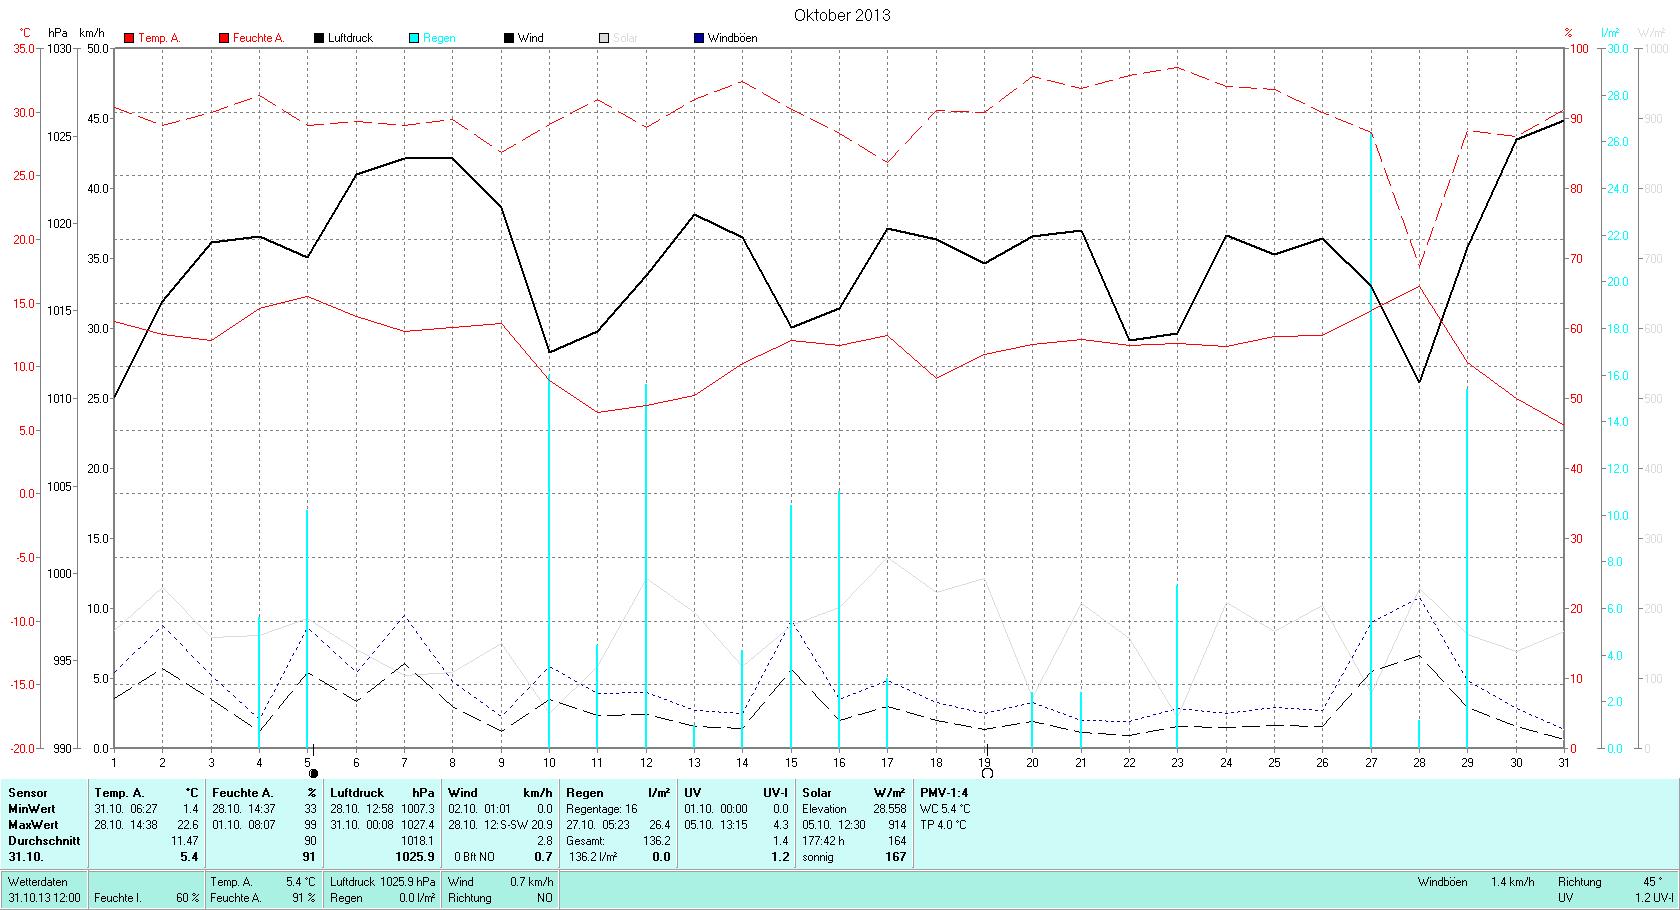 Oktober Tmin 1.4°C, Tmax 22.6°C, Sonne 120:13h, Niederschlag 136.2mm/2